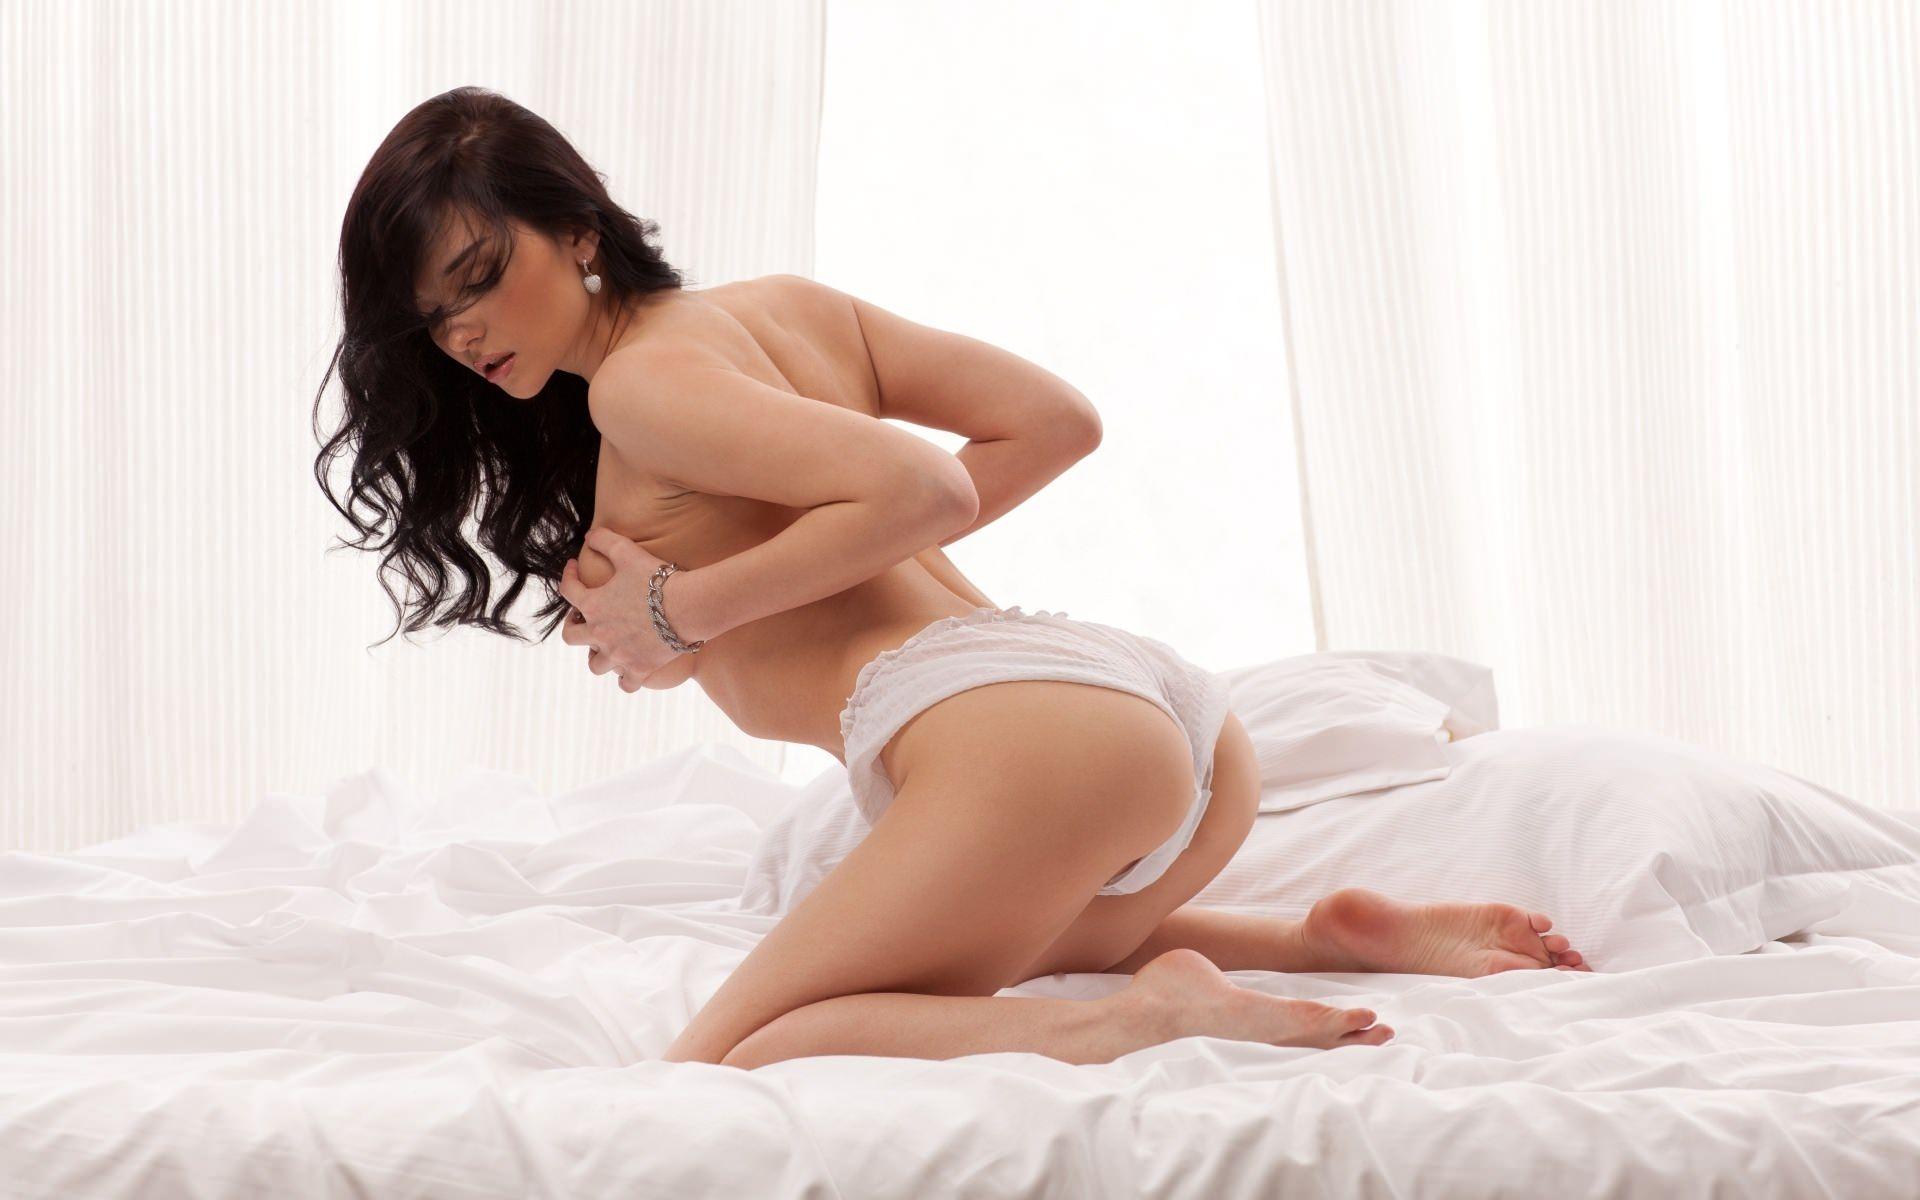 Секс с брюнеткой видит смотреть бесплатно 23 фотография